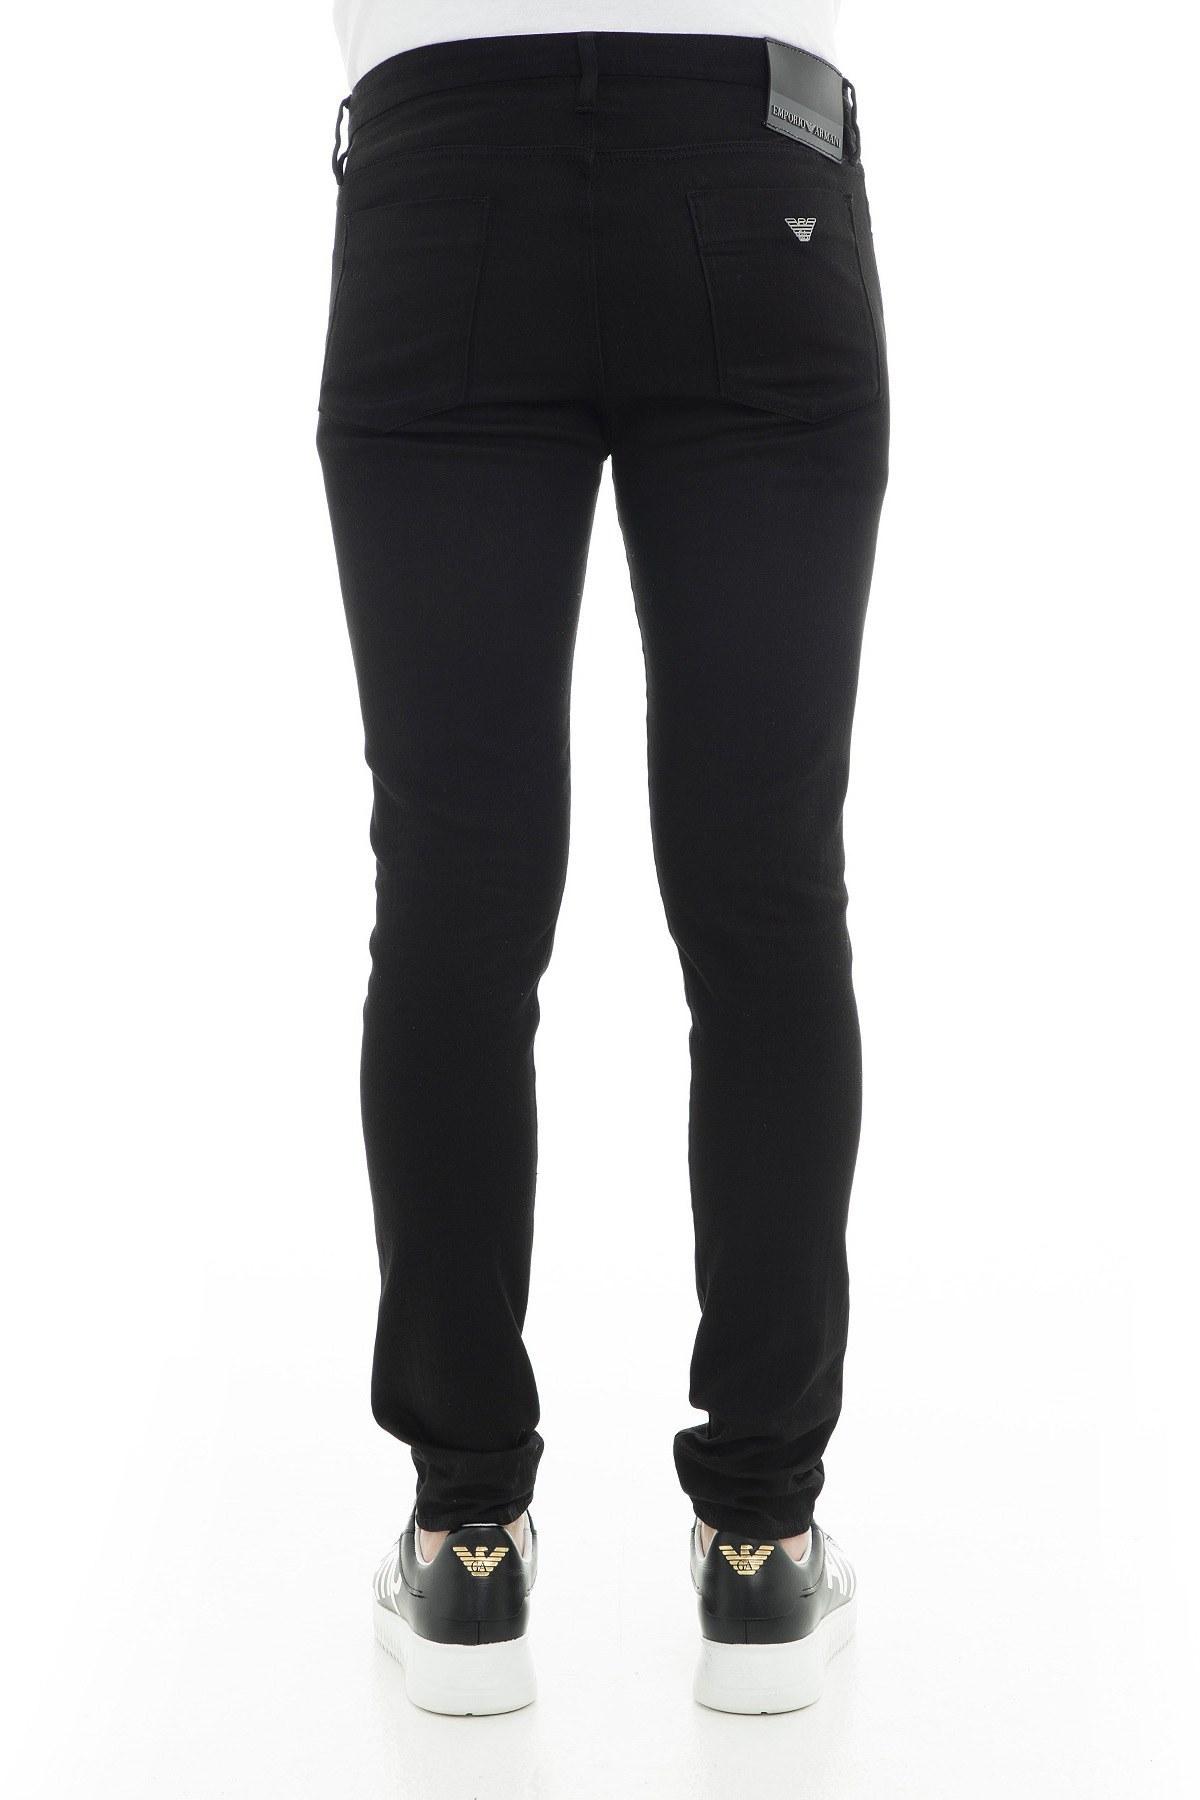 Emporio Armani J11 Jeans Erkek Kot Pantolon 3G1J11 1DHDZ 0005 SİYAH